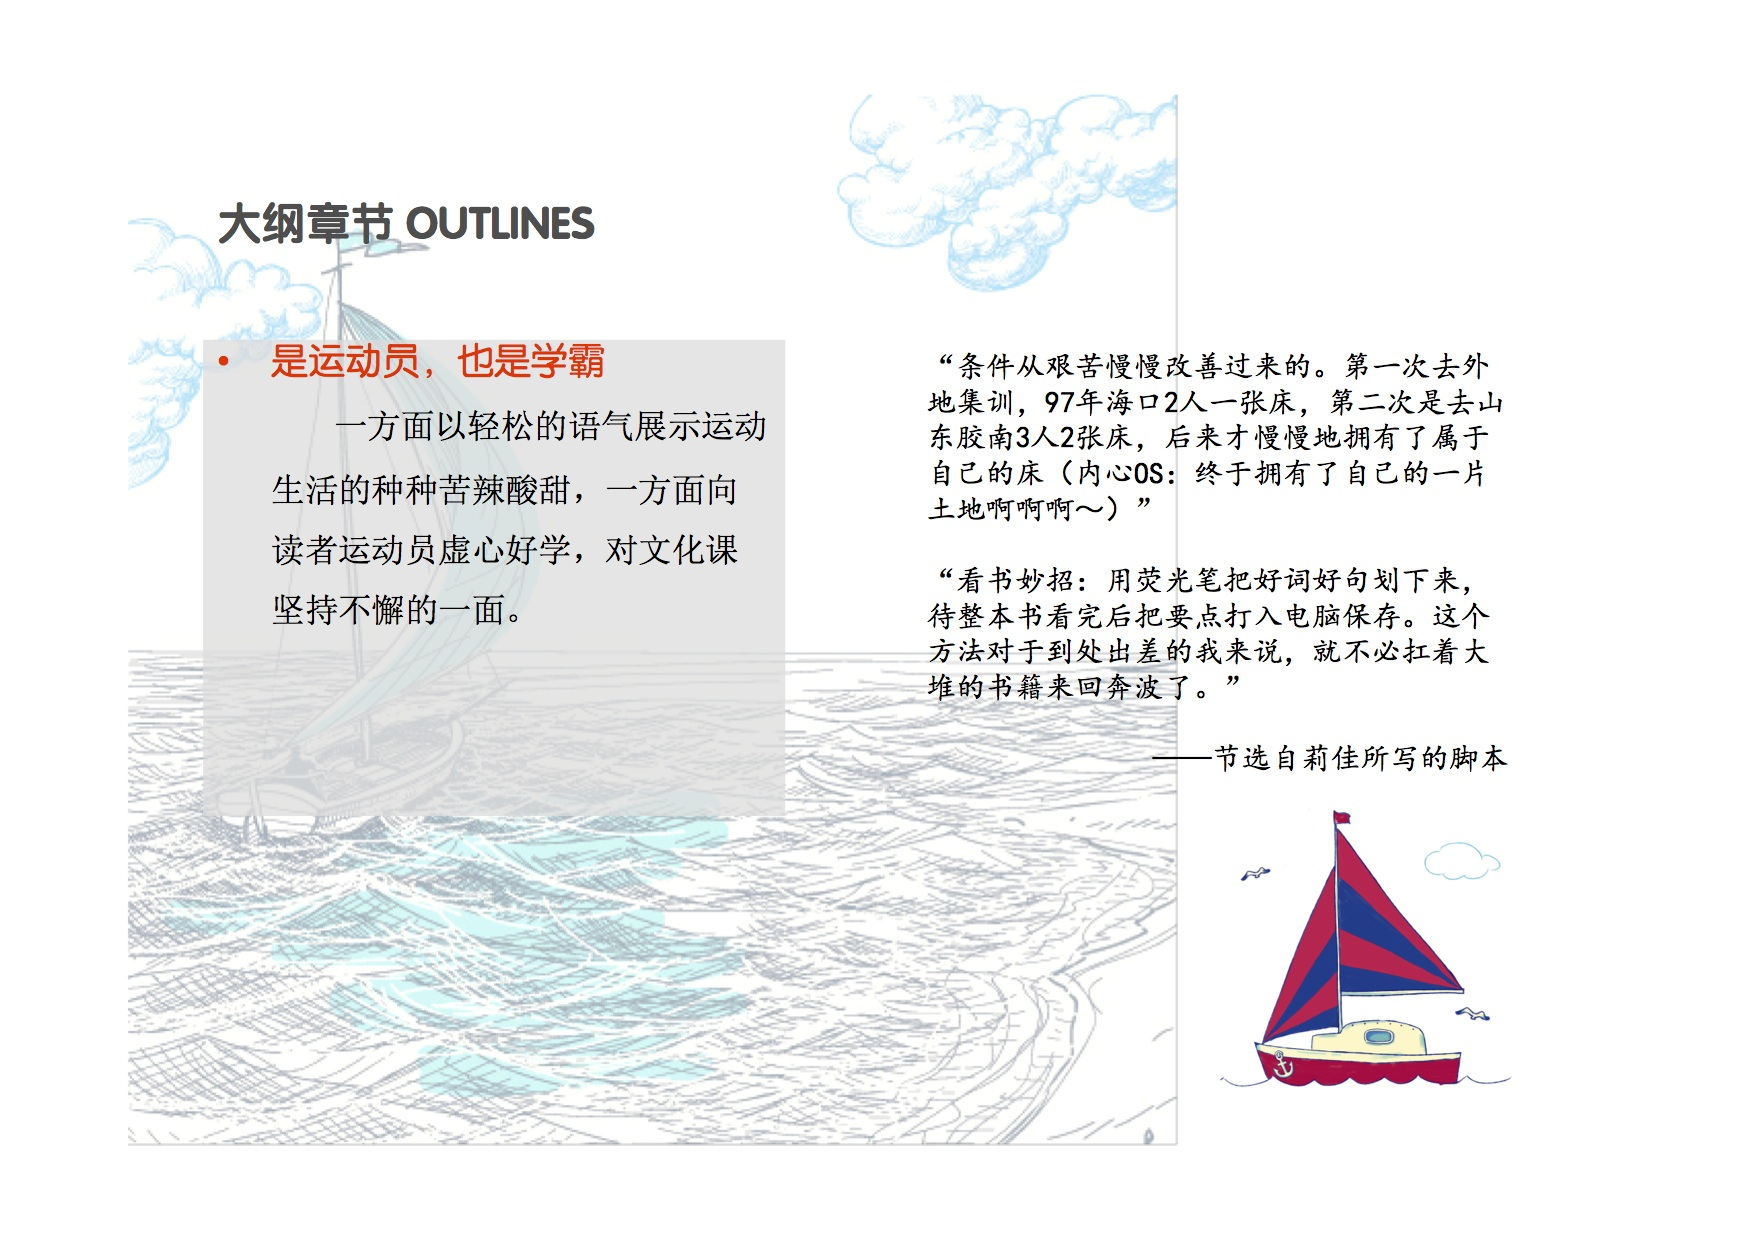 徐莉佳,帆船 一起来支持徐莉佳帆船漫画系列书 绘本帆船创作企划案7.jpg